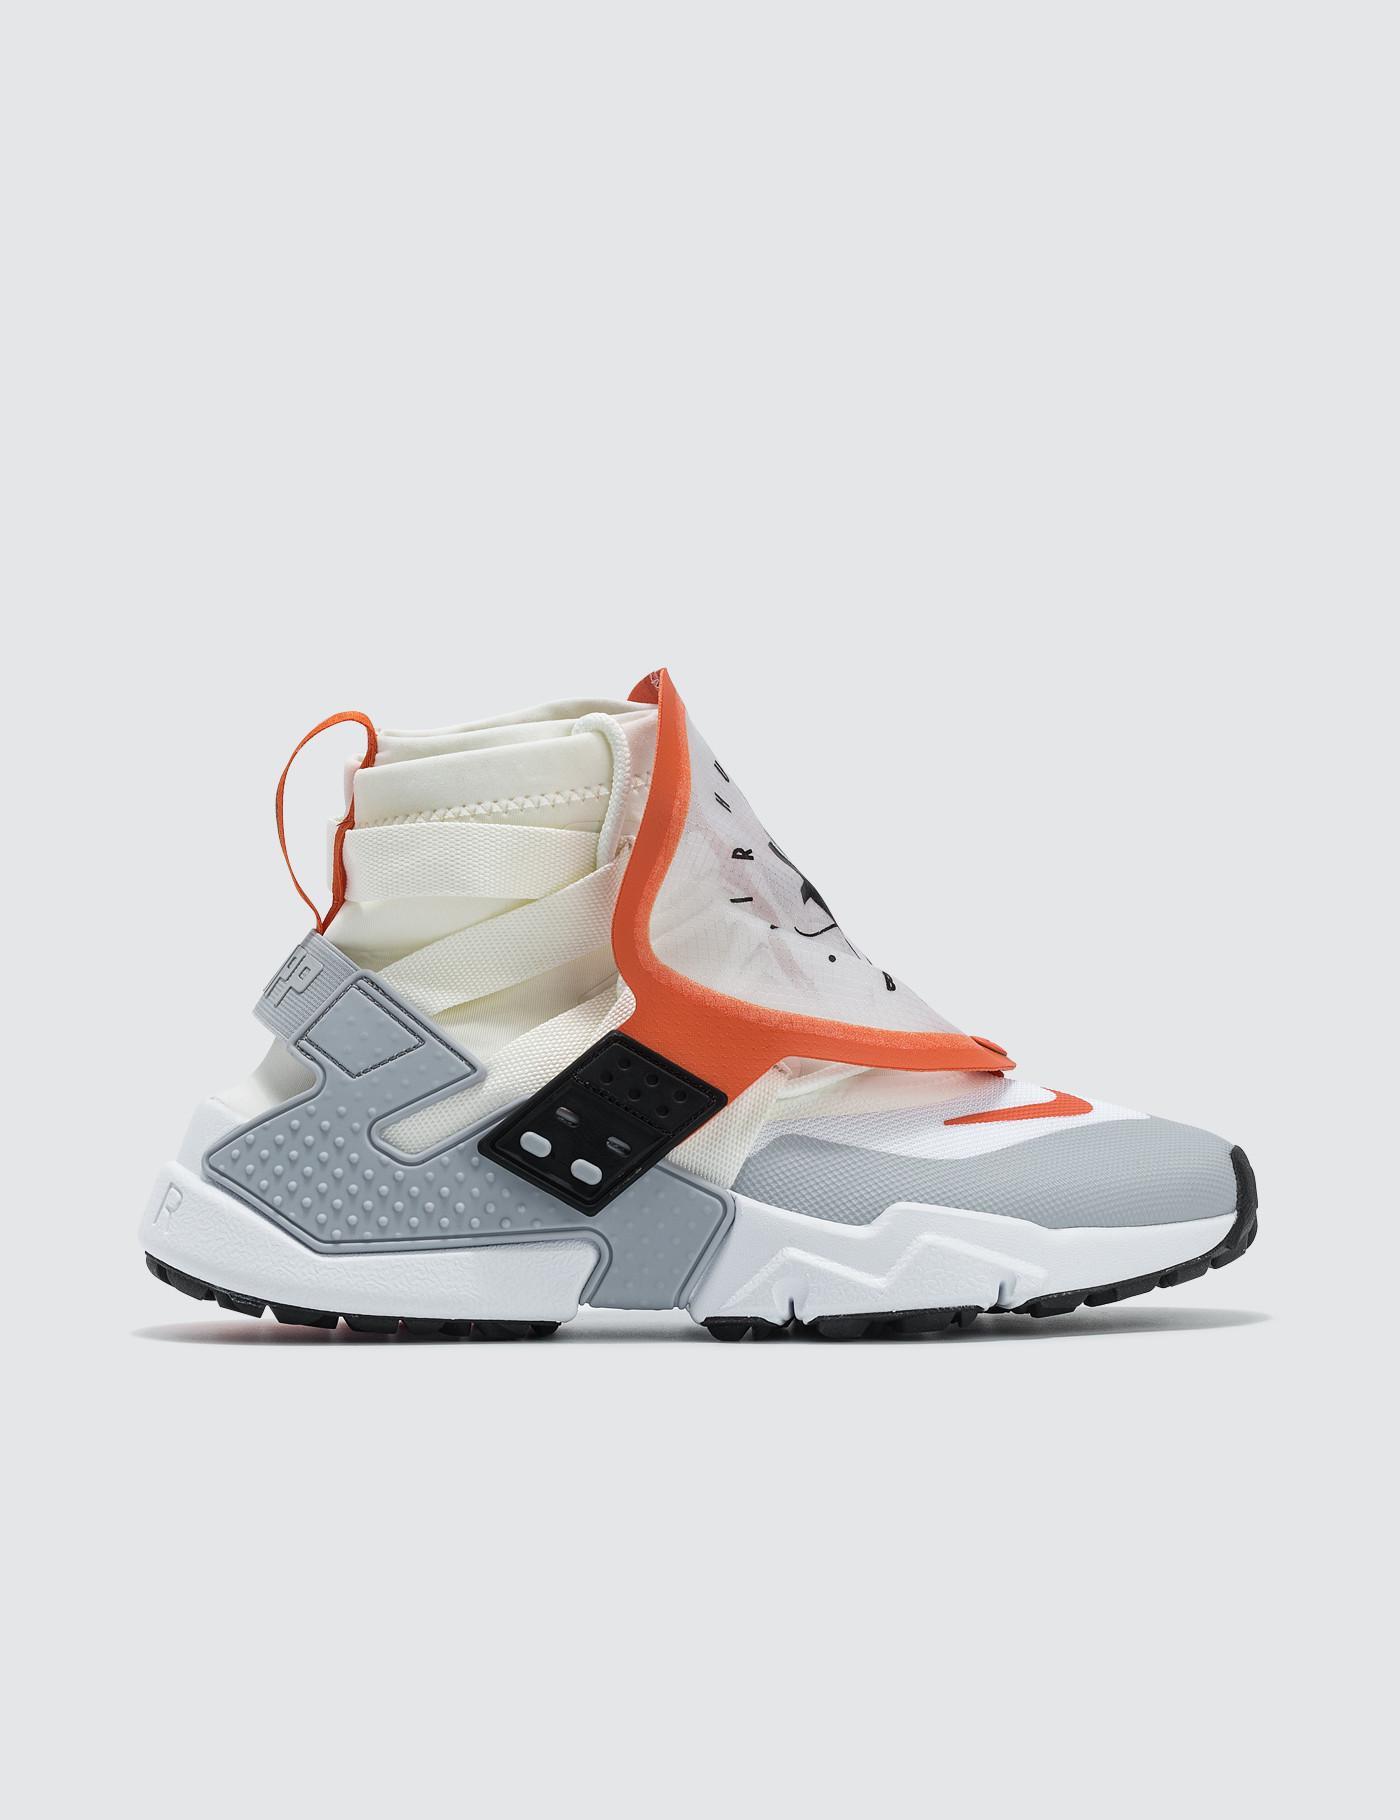 d7cbfb1412f Lyst - Nike Air Huarache Gripp Qs in White for Men